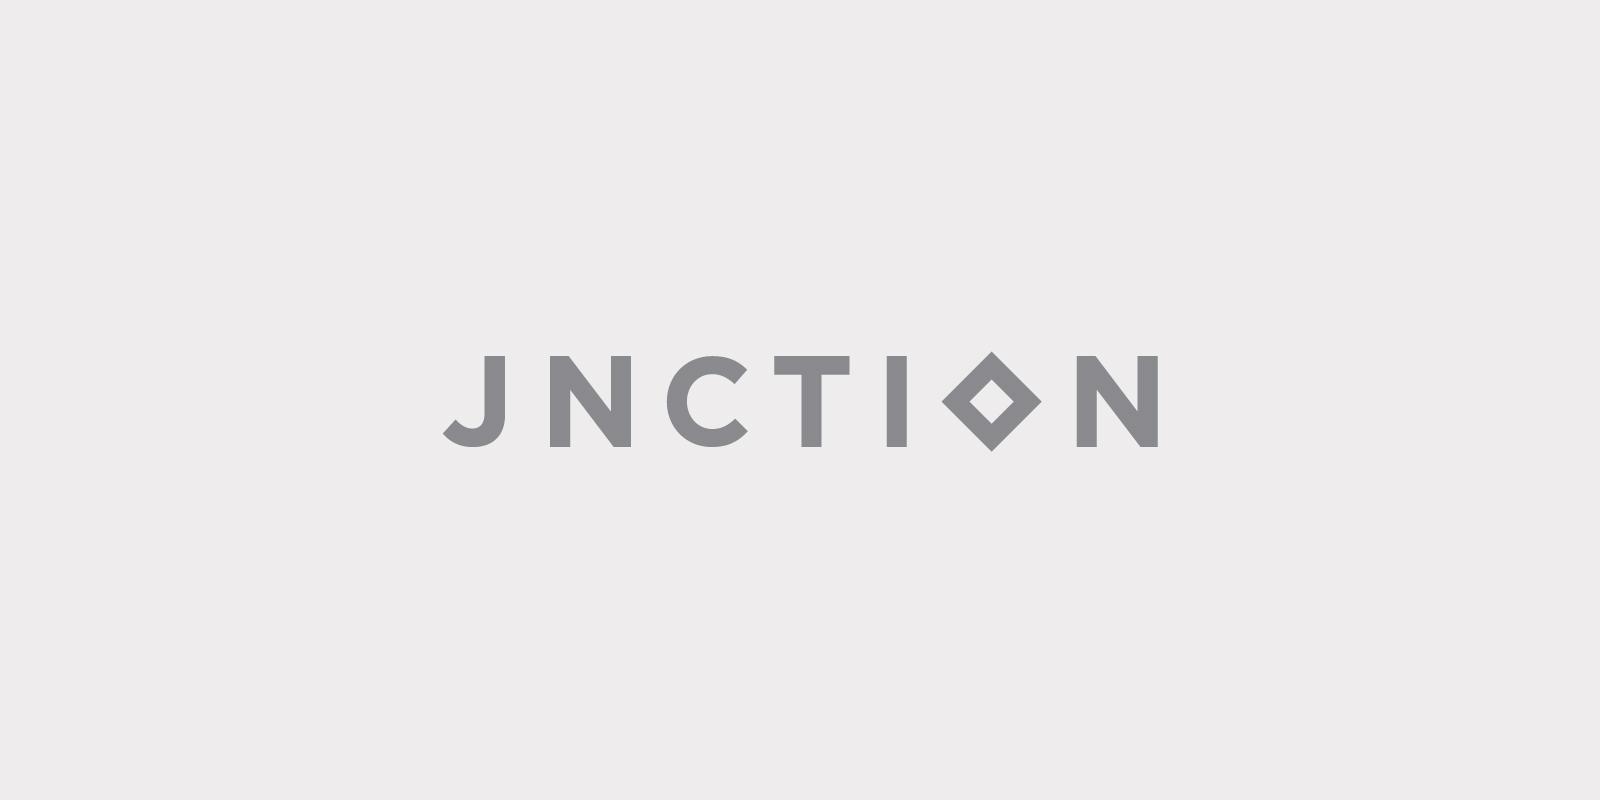 BTL_Website_Logos_Jnction_Grey.jpg